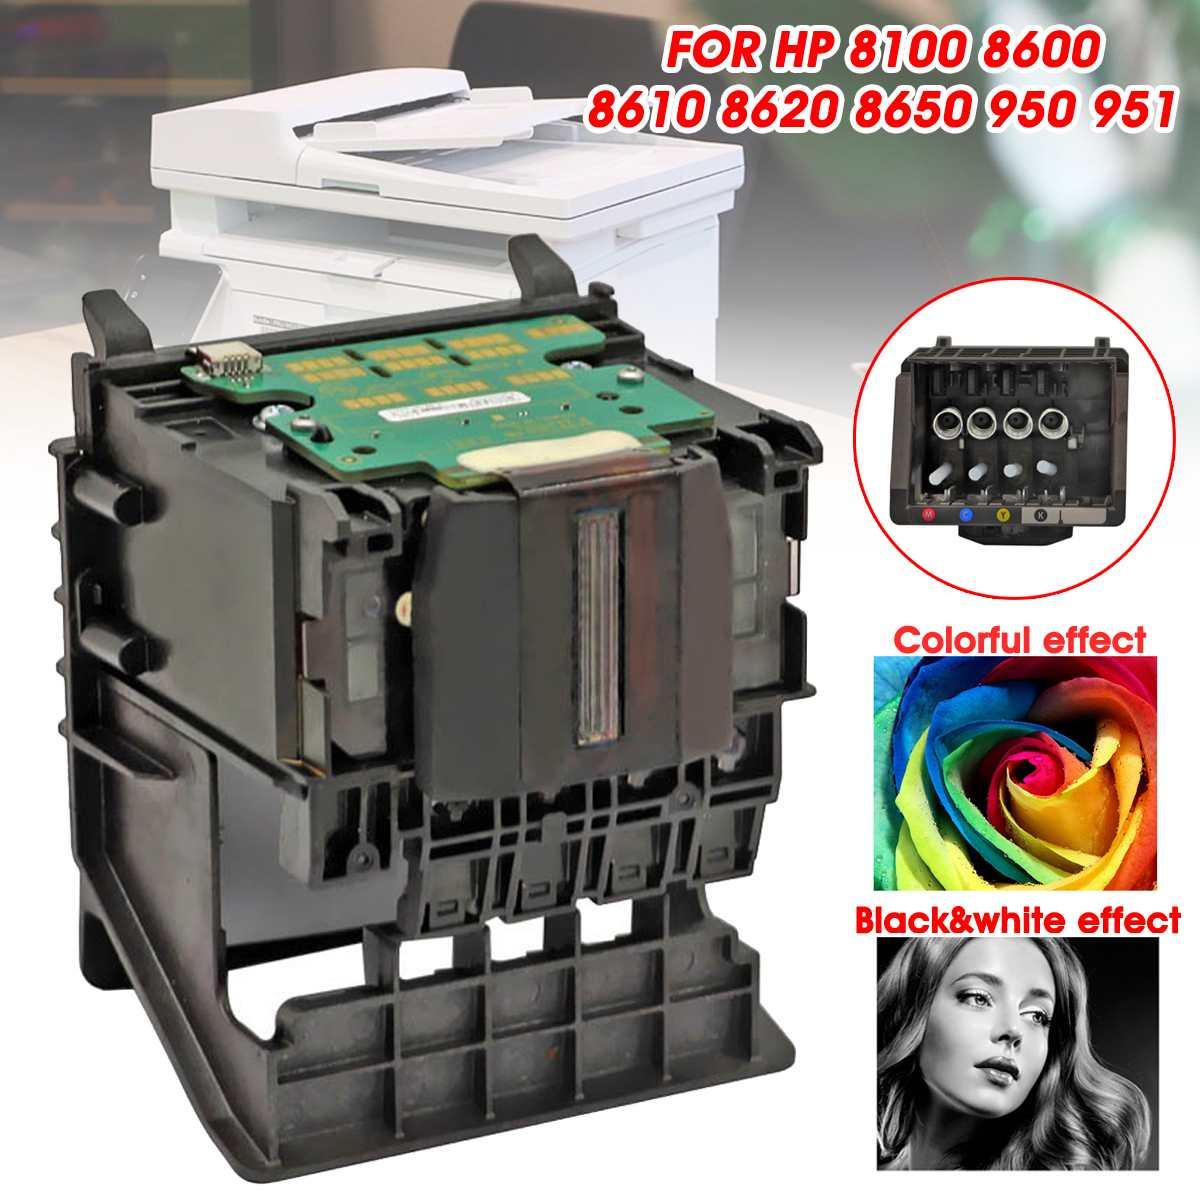 LEORY tête d'impression 4 couleurs tête d'impression remplacement avec/sans tablette imprimantes compatibles pour HP 8100 8600 8610 8620 8650 950 951